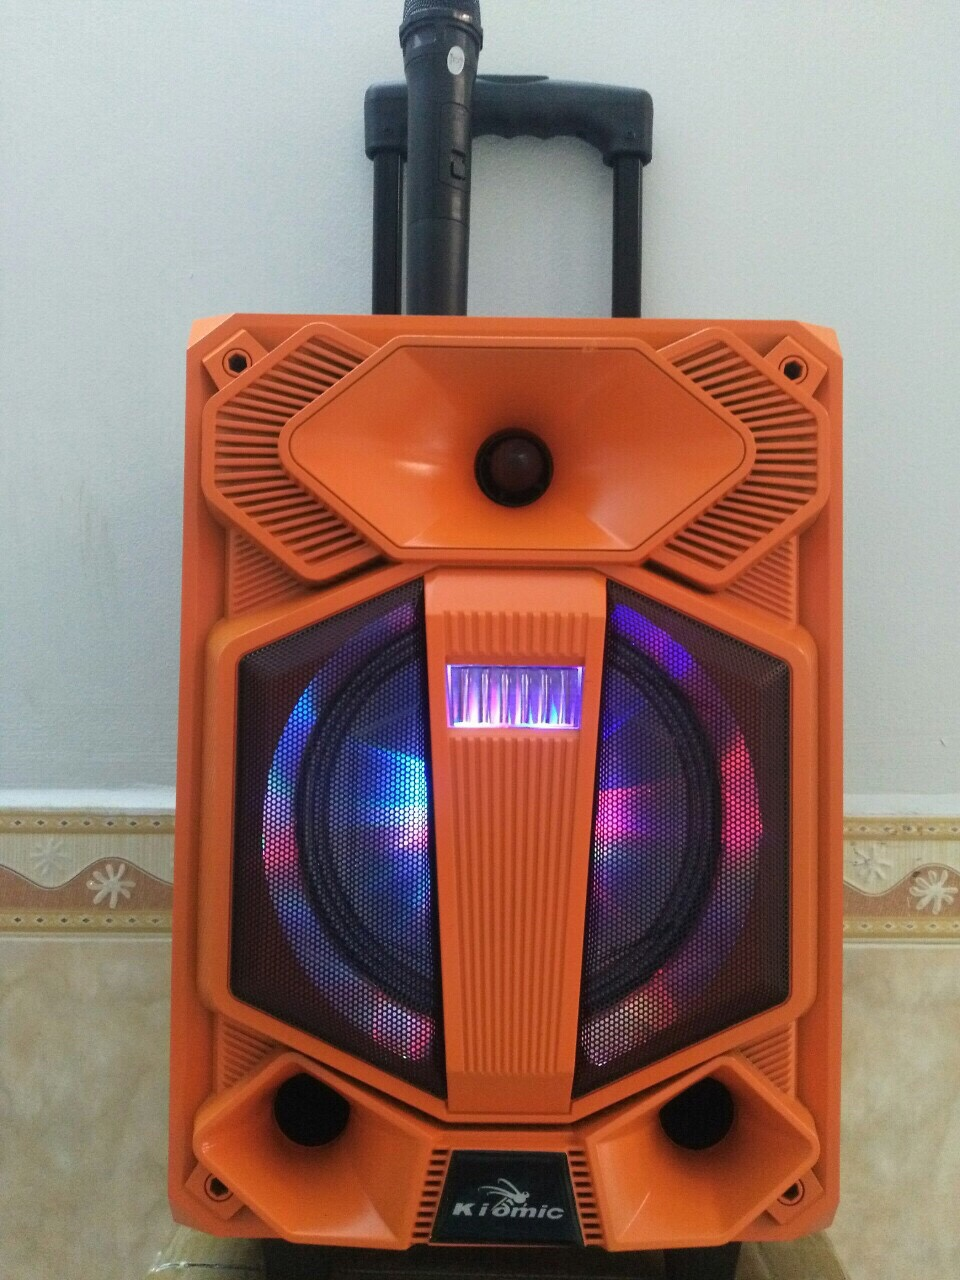 Loa bluetooth kẹo kéo di động Kiomic L808 1 mic thùng gỗ cực hay - ayz2 giá sỉ và lẻ rẻ nhất